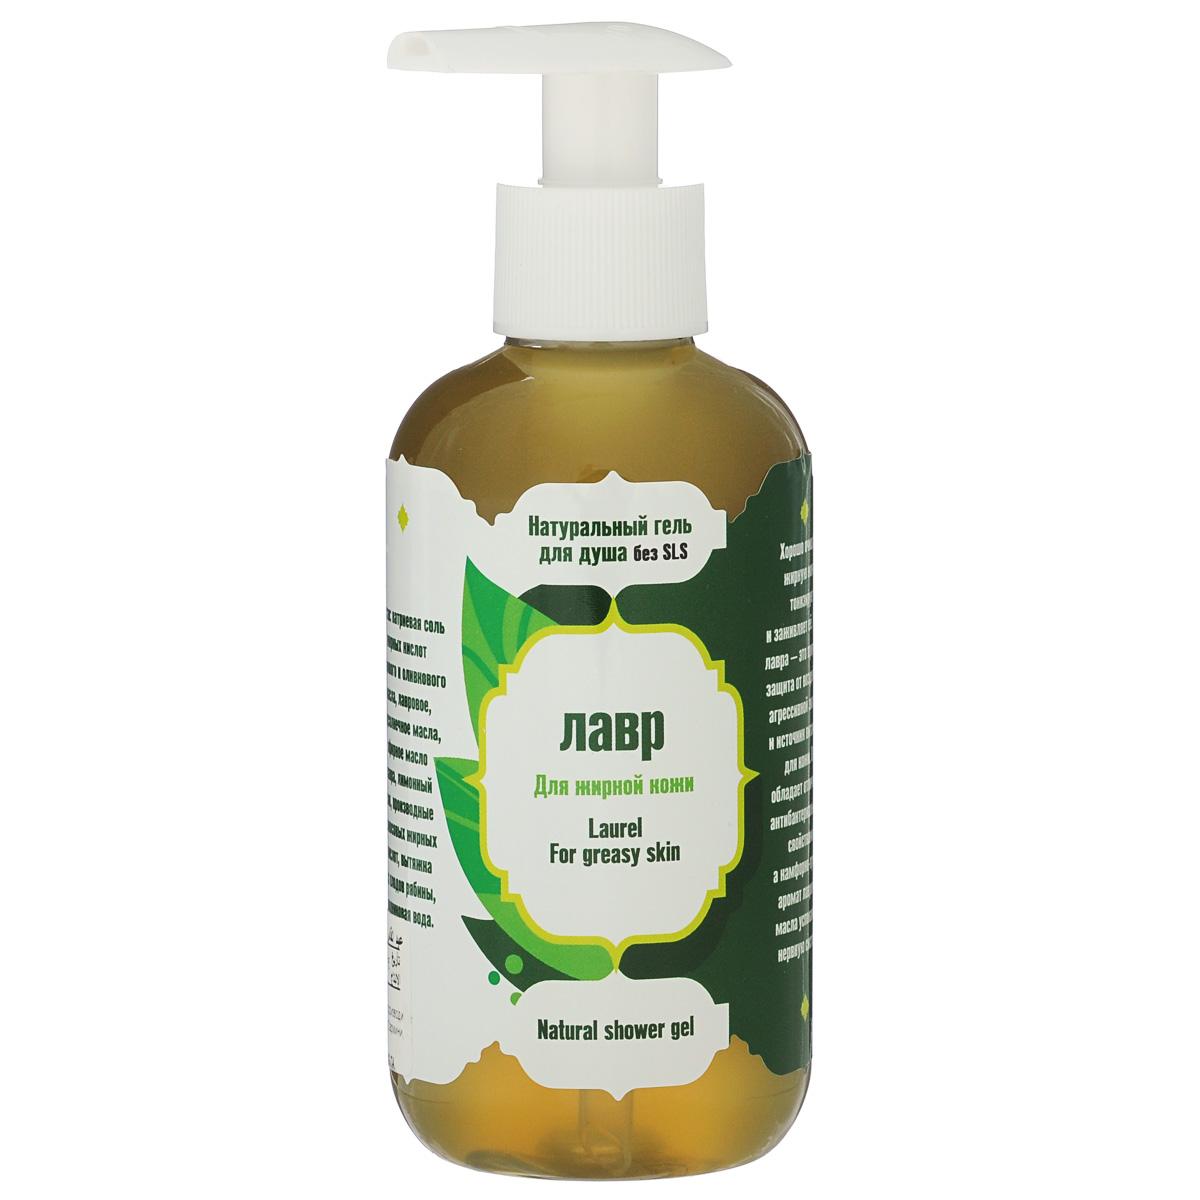 Зейтун Гель для душа Лавр, 200 млFS-36054Гель для душа Лавр хорошо очищает проблемную кожу, тонизирует, заживляет и увлажняет её. Масло лавра — это природная защита от воздействия агрессивной экологии и источник витаминов для кожи. Оно обладает отличными антибактериальными свойствами, а камфорно-пряный аромат лаврового масла успокаивает нервную систему.Мягкий гель для душа Лавр отлично подходит для ежедневного применения.